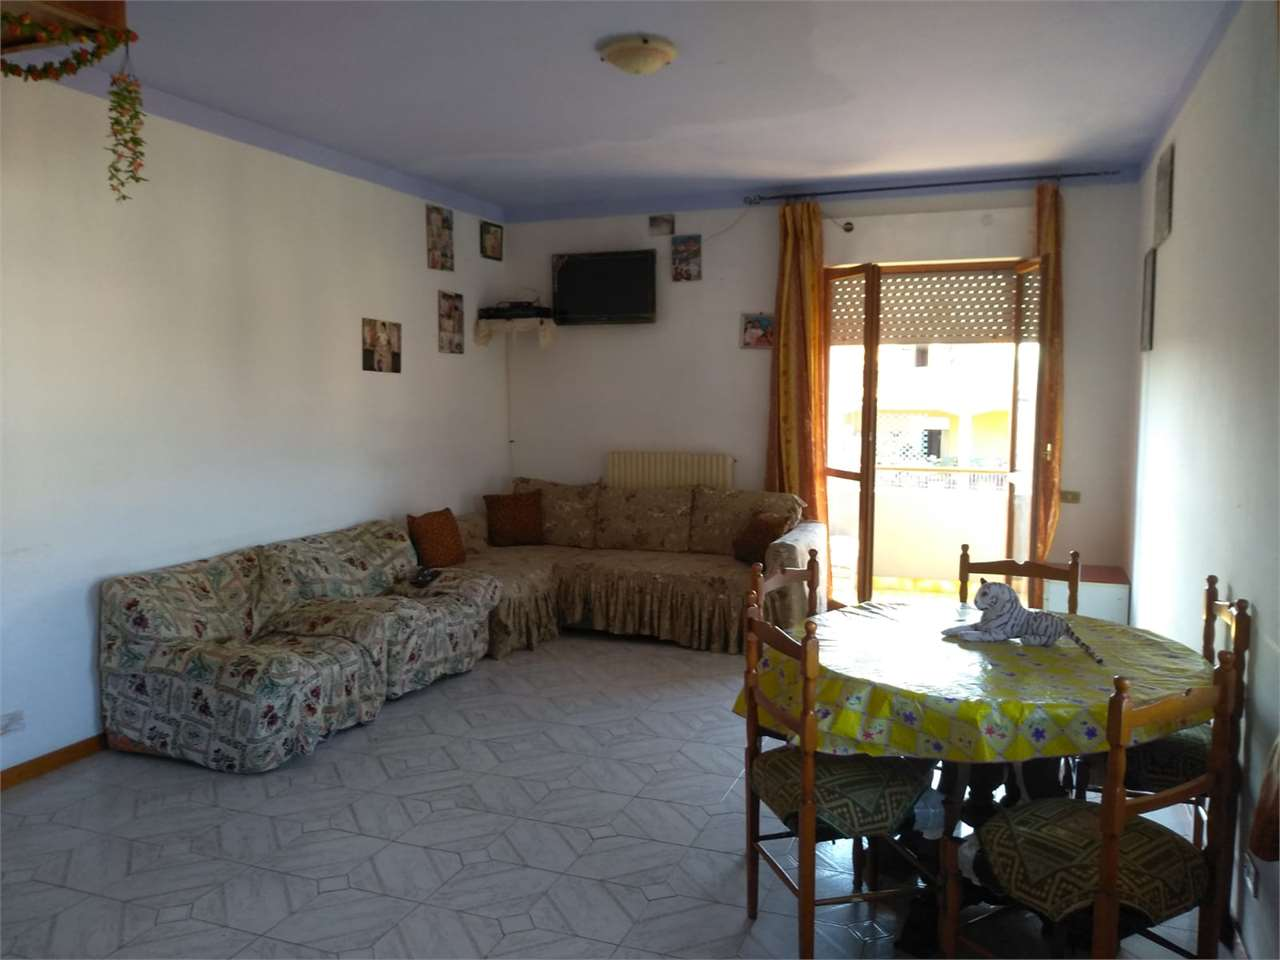 Appartamento in vendita a Morrovalle, 4 locali, zona Zona: Trodica, prezzo € 90.000   CambioCasa.it